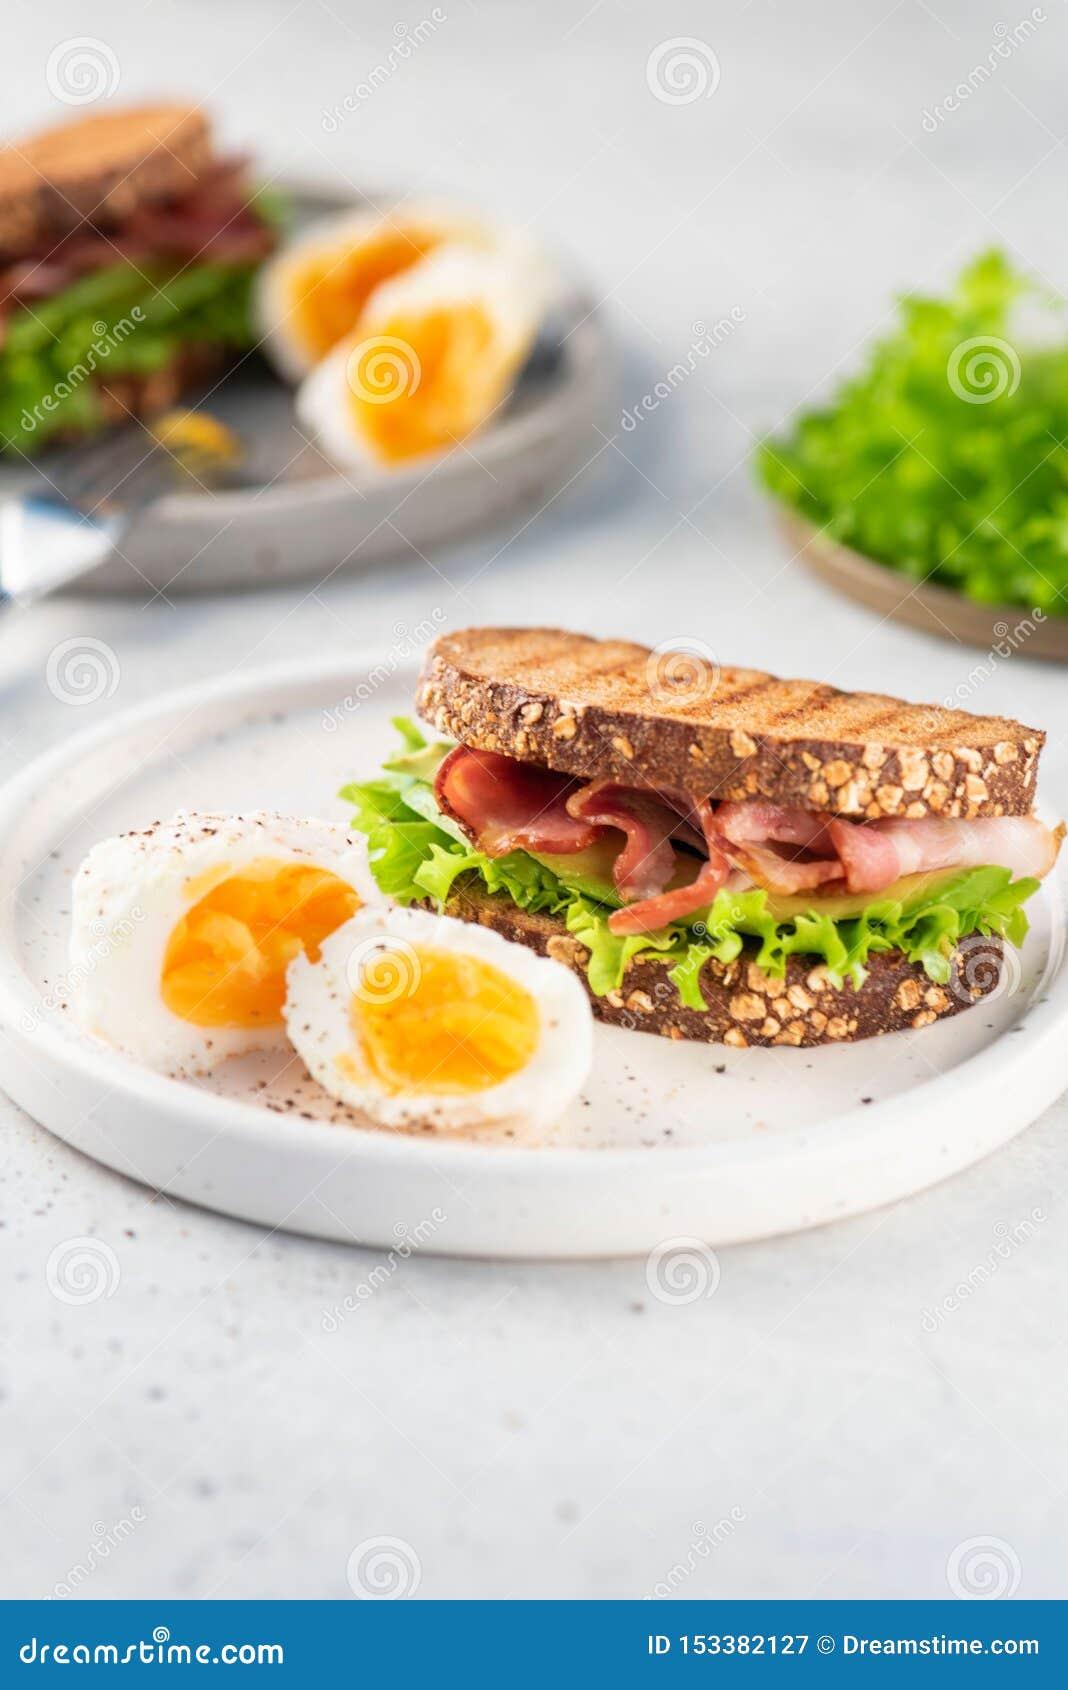 Sandwich mit Speck, Schwarzbrot, Salat auf Platte